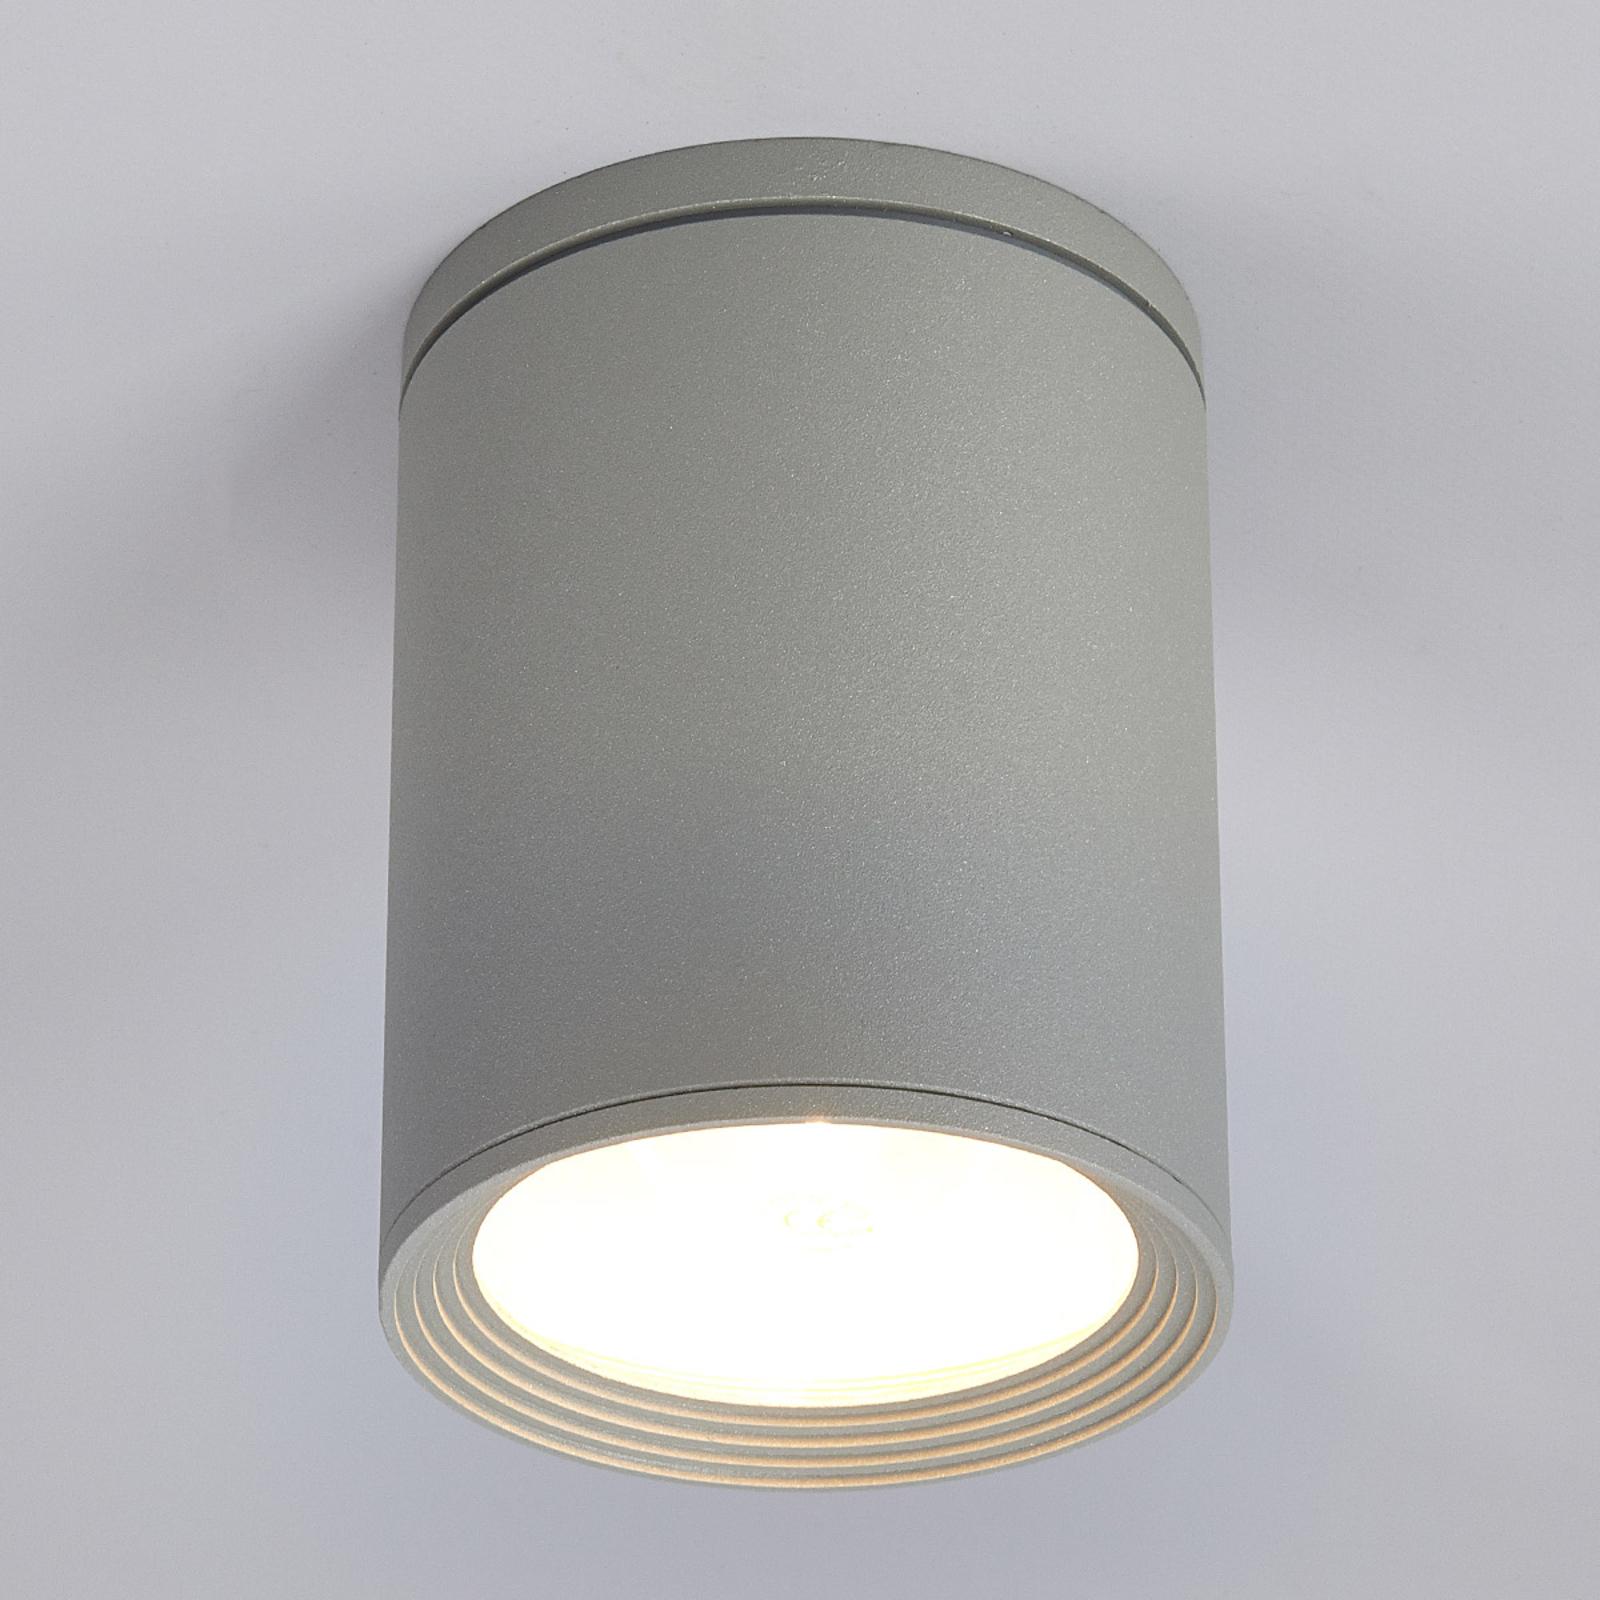 Okrągły reflektor sufitowy Minna, szaro-srebrny